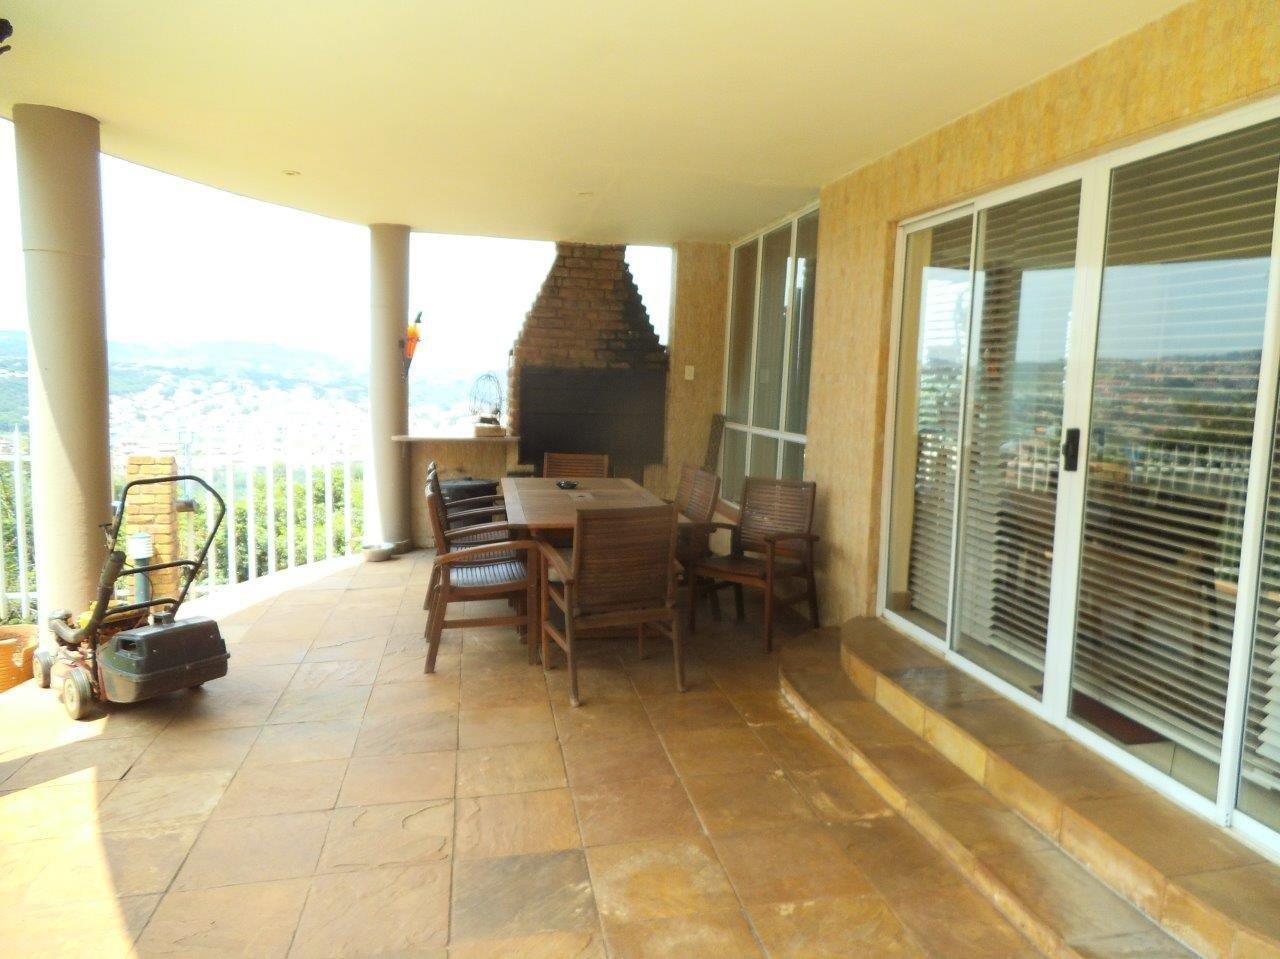 Glenvista property for sale. Ref No: 13624500. Picture no 46